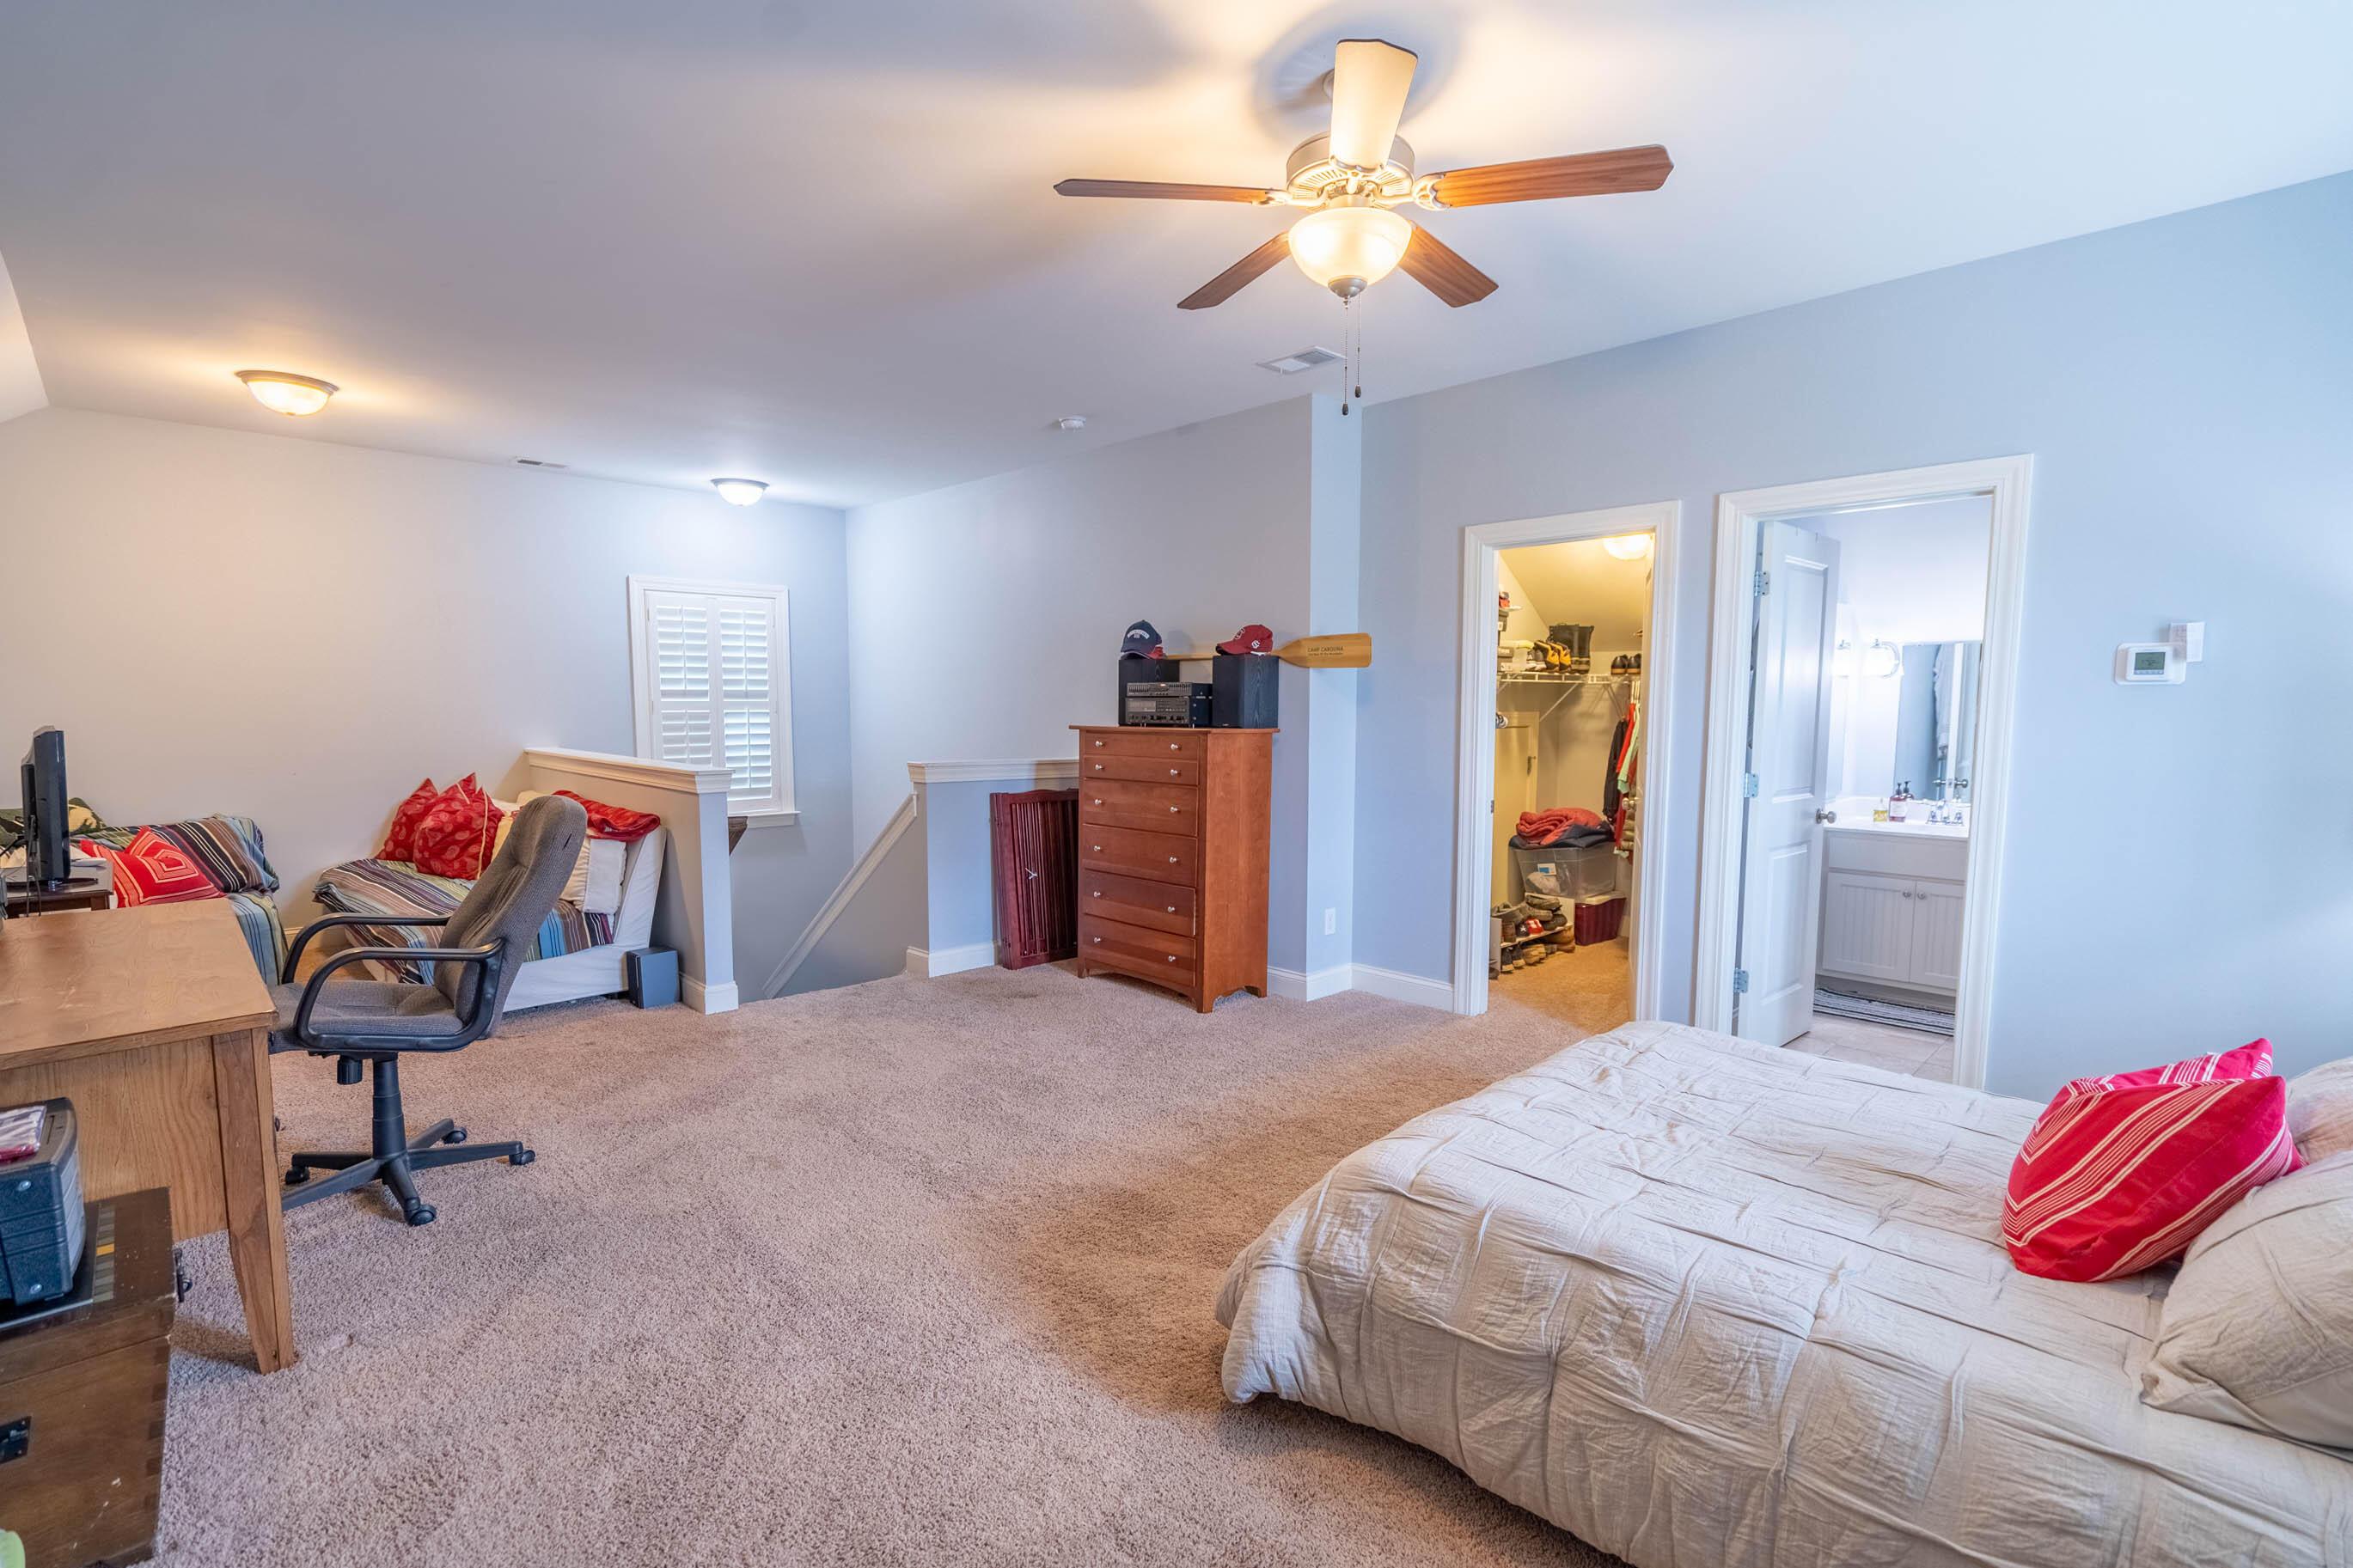 Dunes West Homes For Sale - 2997 Sturbridge, Mount Pleasant, SC - 50